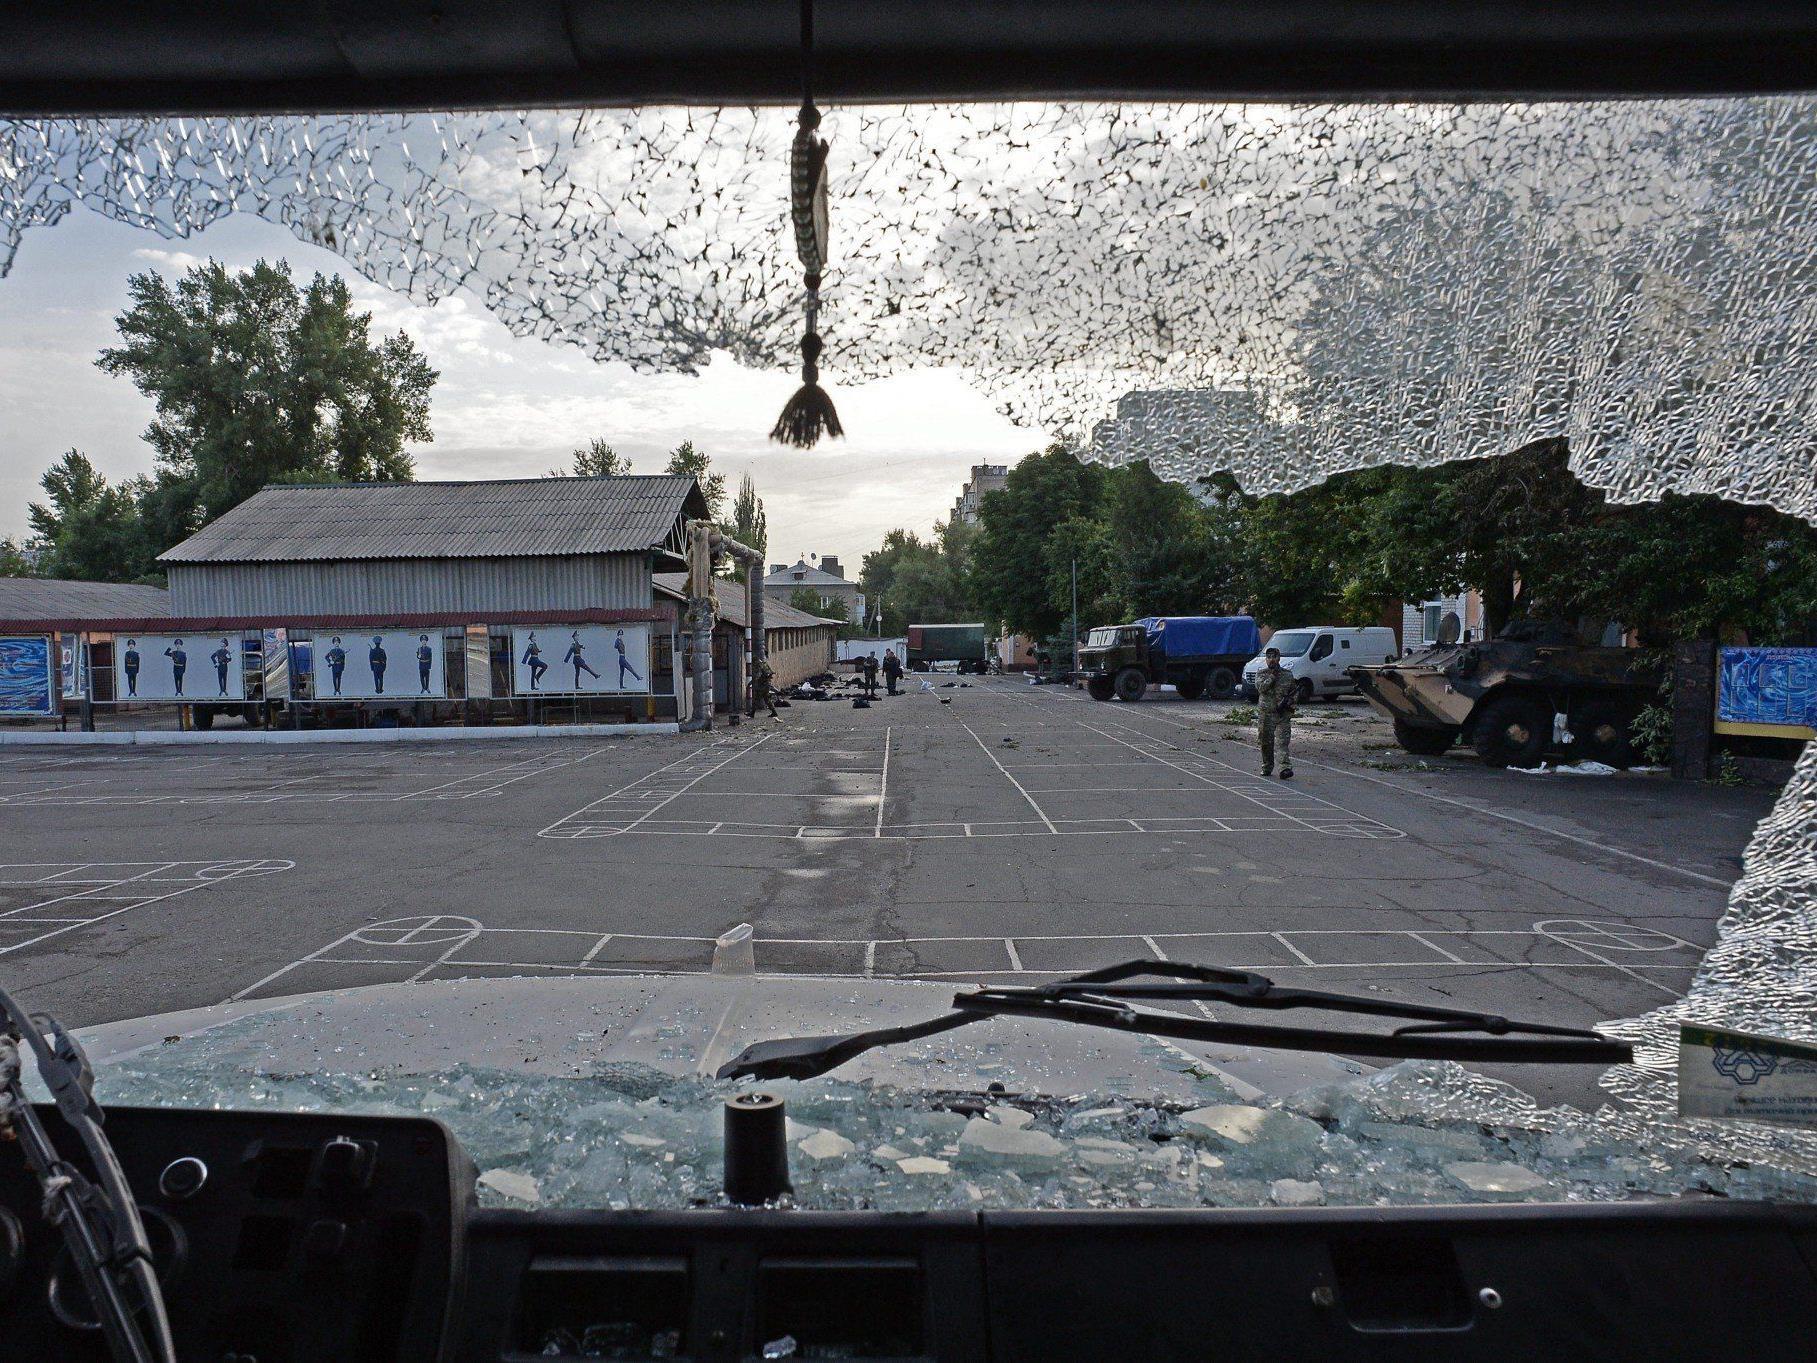 Seit dem Wahlsieg des designierten Präsidenten Petro Poroschenko hat die ukrainische Armee ihren Einsatz gegen prorussische Separatisten im Osten des Landes verstärkt.